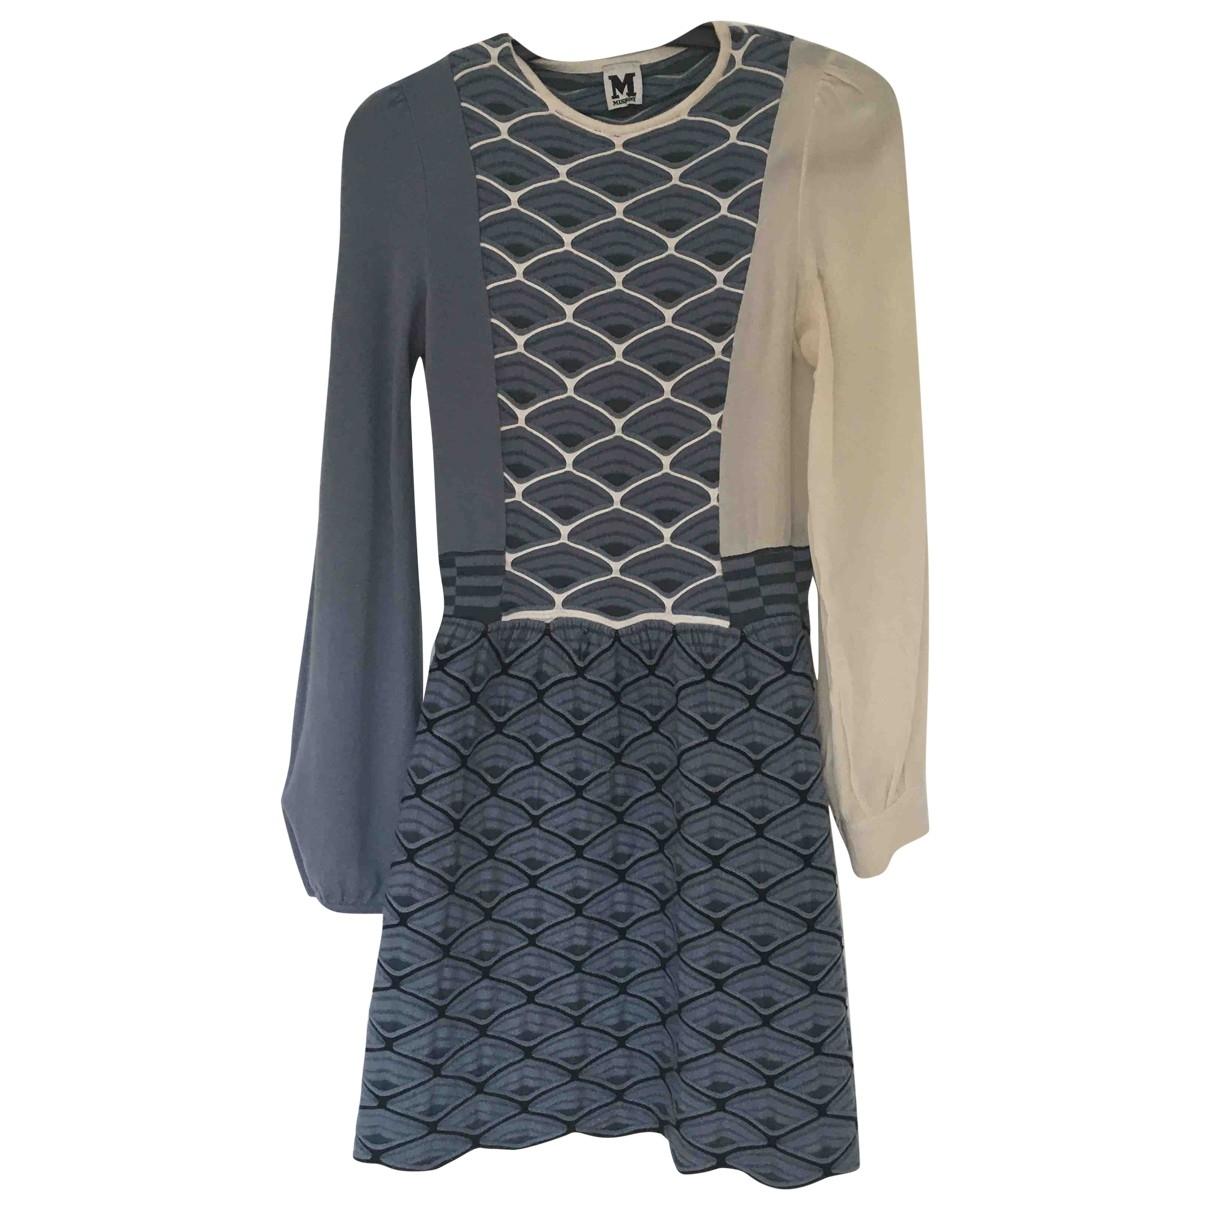 M Missoni \N Kleid in  Blau Synthetik